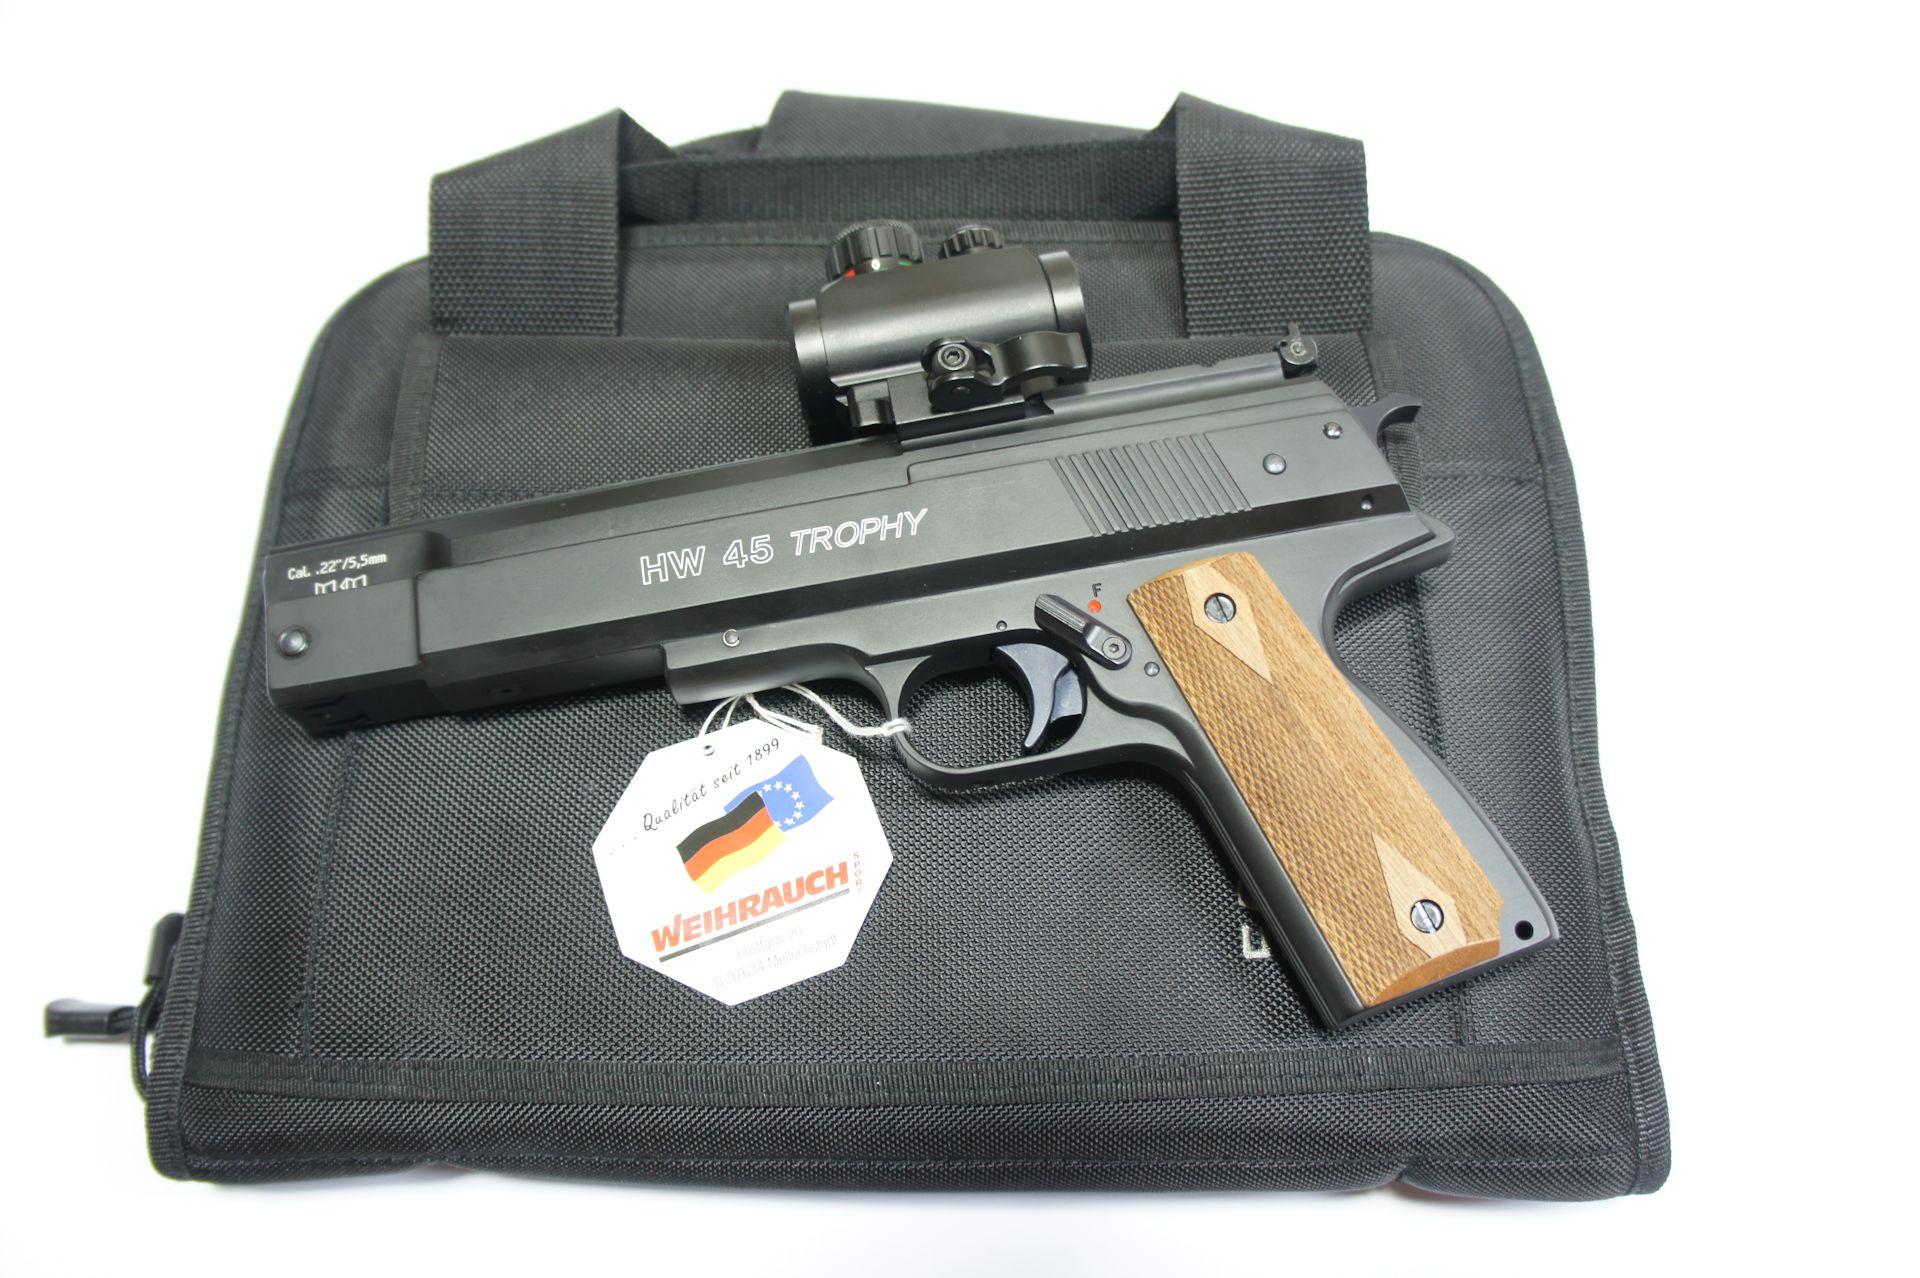 Als Zubehör für die HW 45 Trophy RTU mit aufgesetzter Optik kann ich Ihnen <a href=1340094.htm> solche praktische Tasche Bestellnummer 1340094 </a> für Aufbewahrung und Transport anbieten. Die Tasche wäre mittels Vorhängeschloss abschließbar.